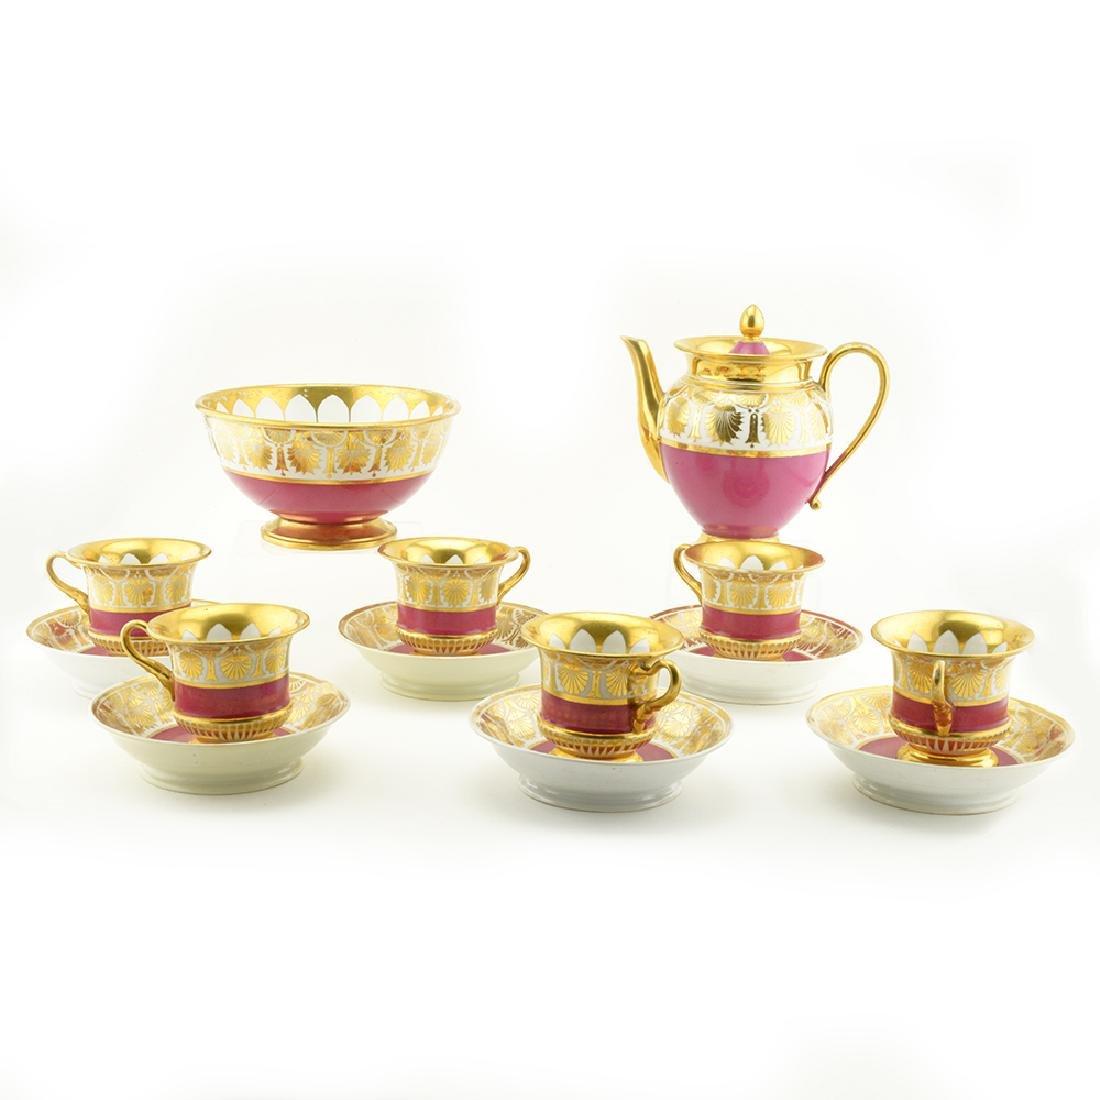 Russian porcelain ca1820 tea set